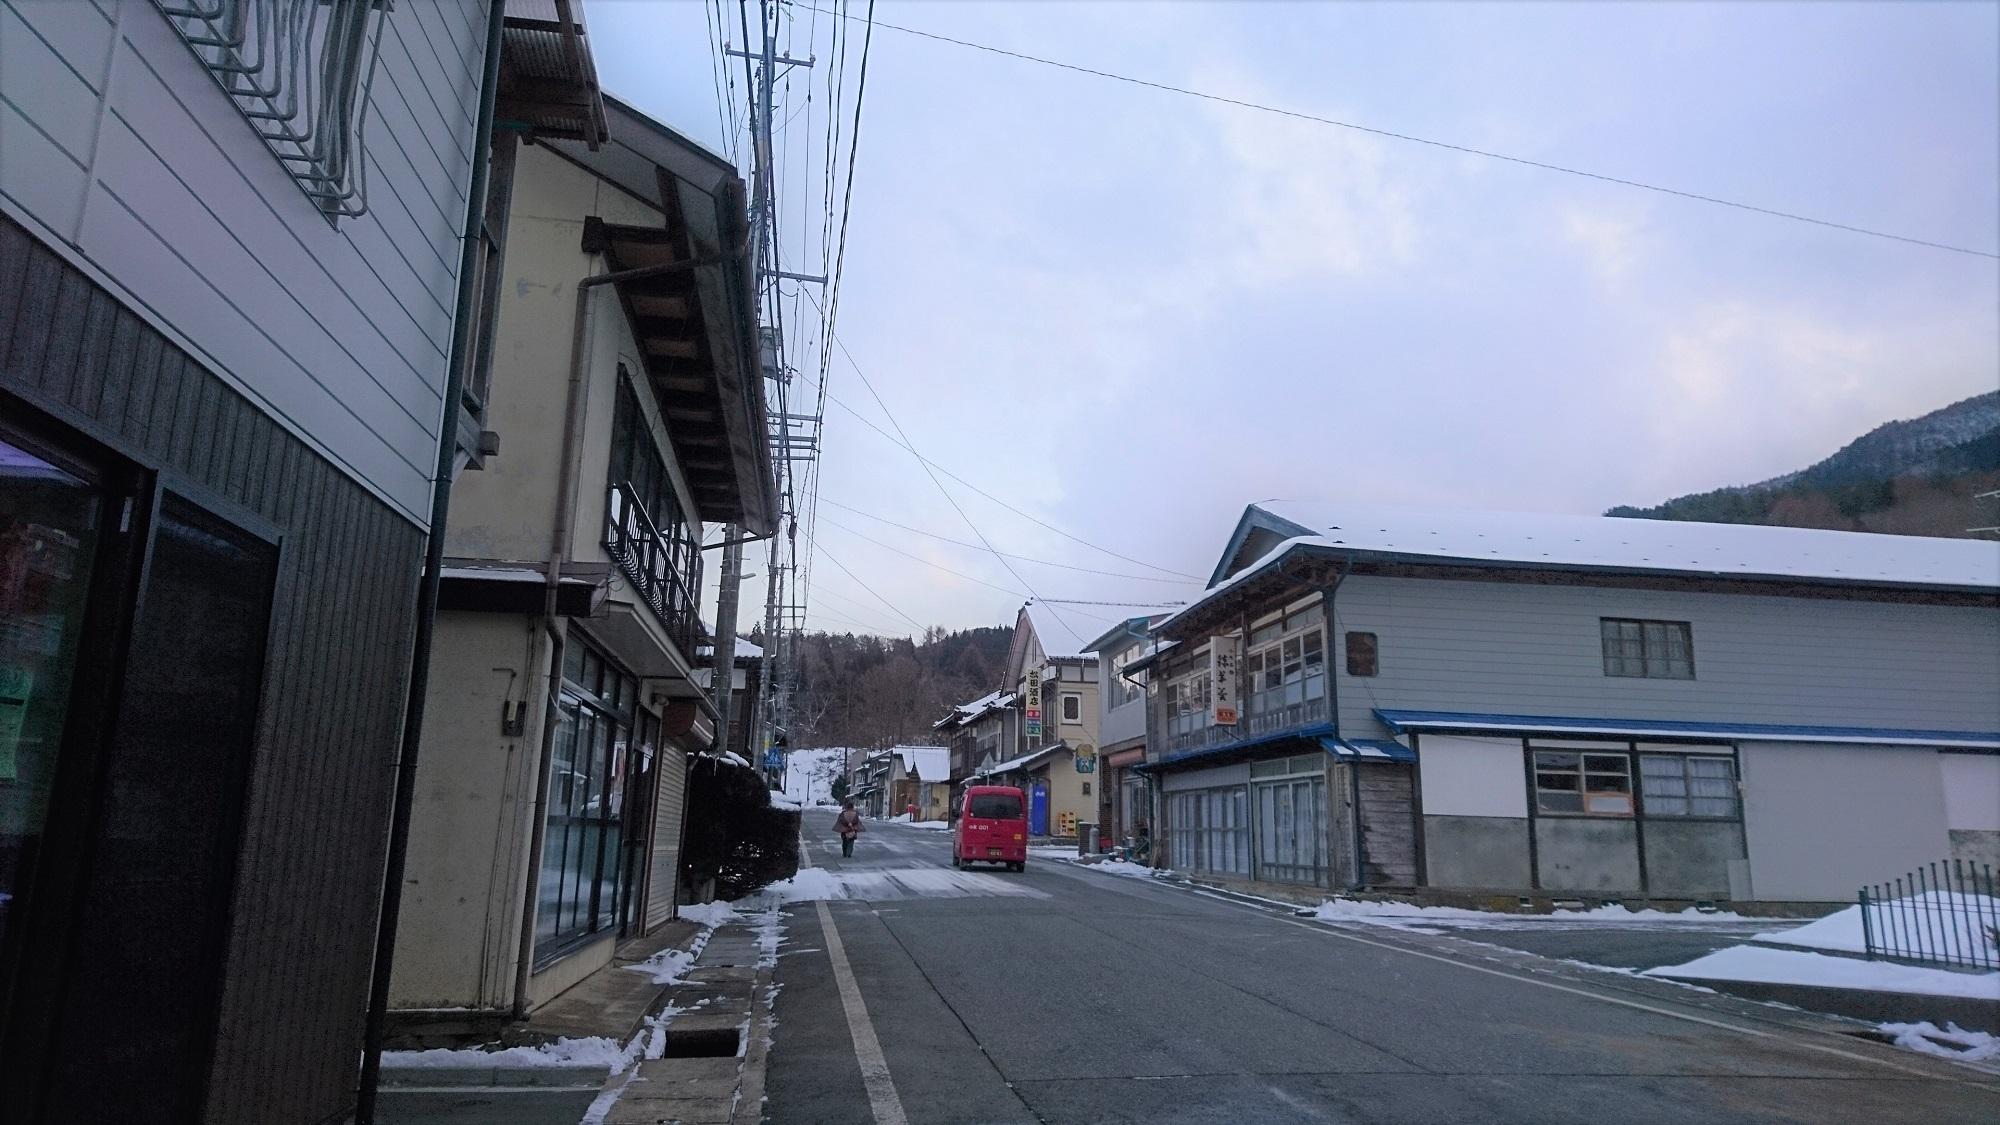 小友銀座、冬の空。郵便局のくるまって、風景に溶け込むなぁ。